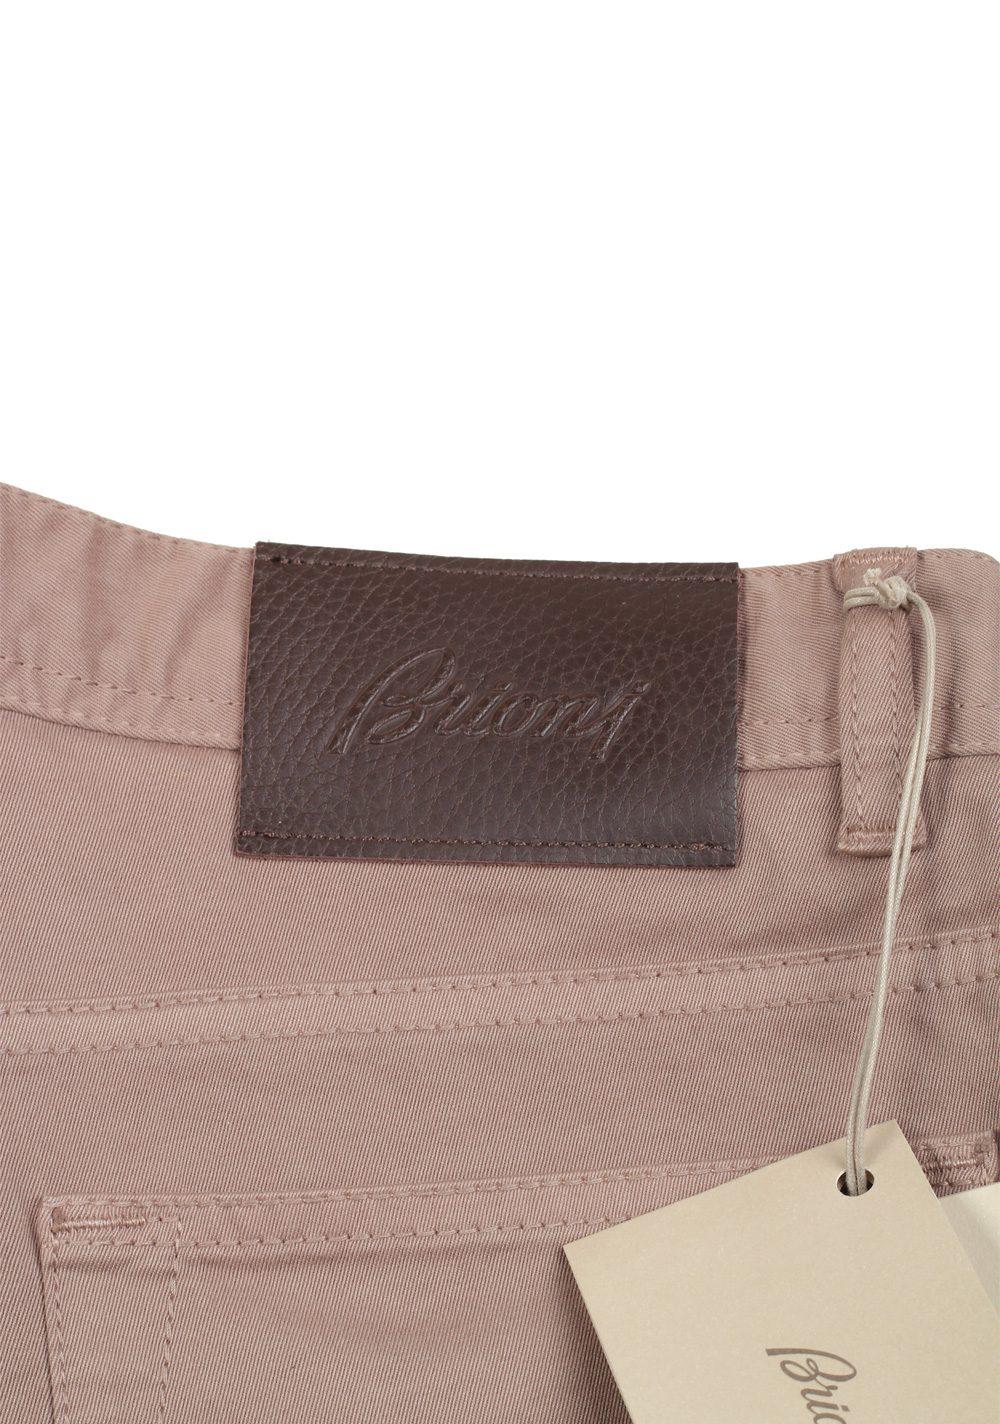 Brioni Brown Jeans SPL43Q Trousers Size 52 / 36 U.S. | Costume Limité